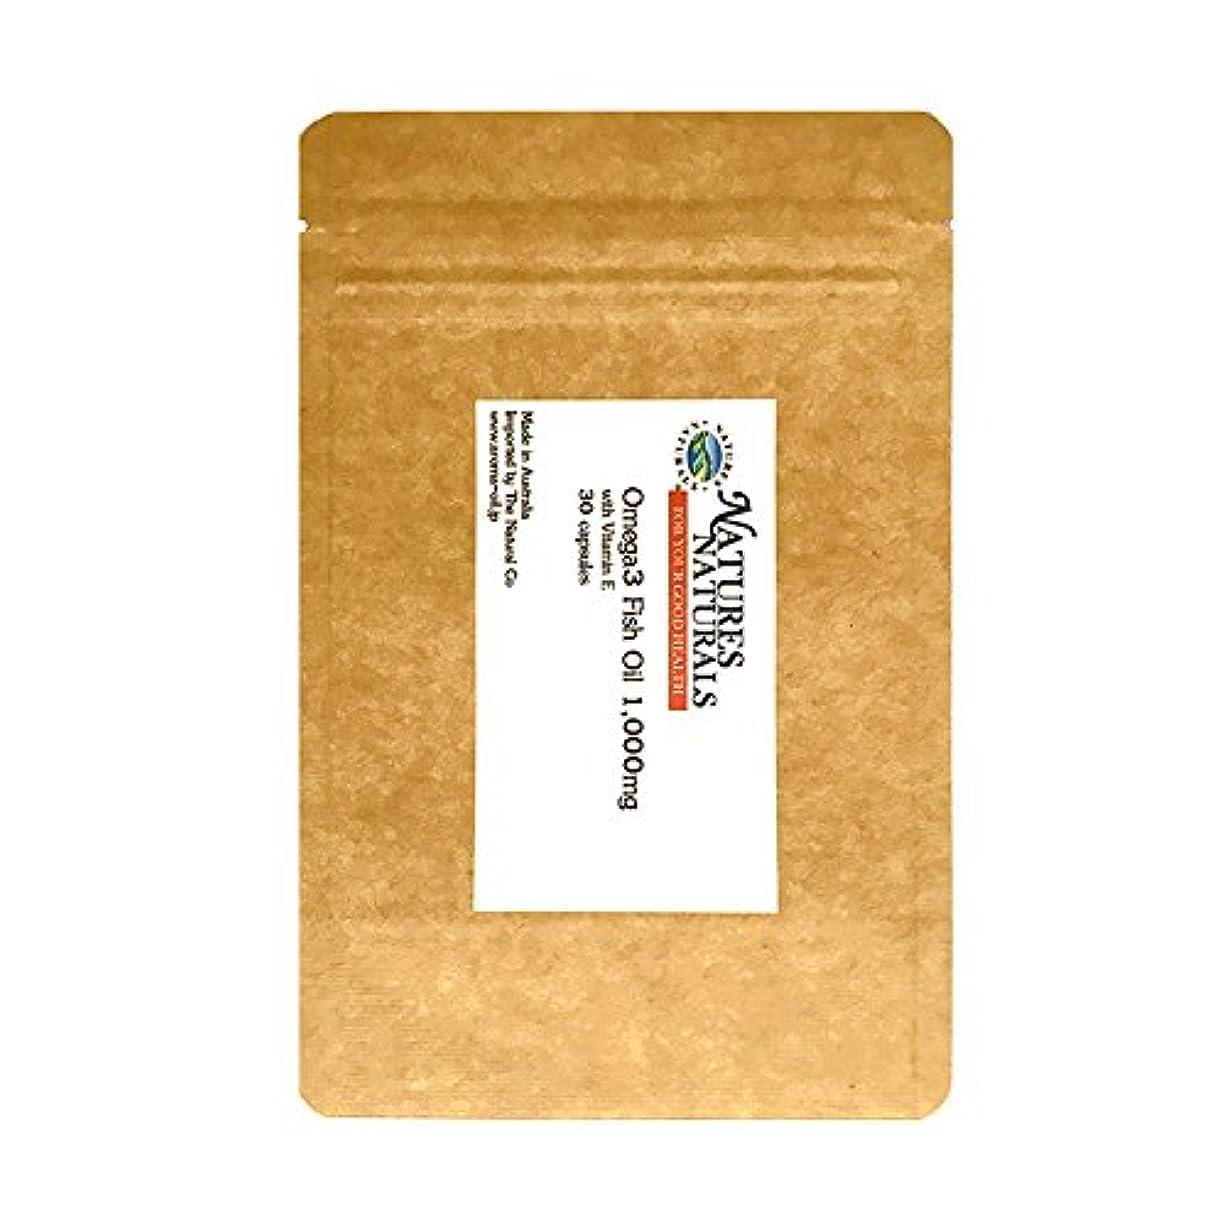 ドラフト一定ニコチンオメガ3 ビタミンE配合/DHA EPA 1,000mg オーストラリア産サプリメント/30錠 約1ヶ月分